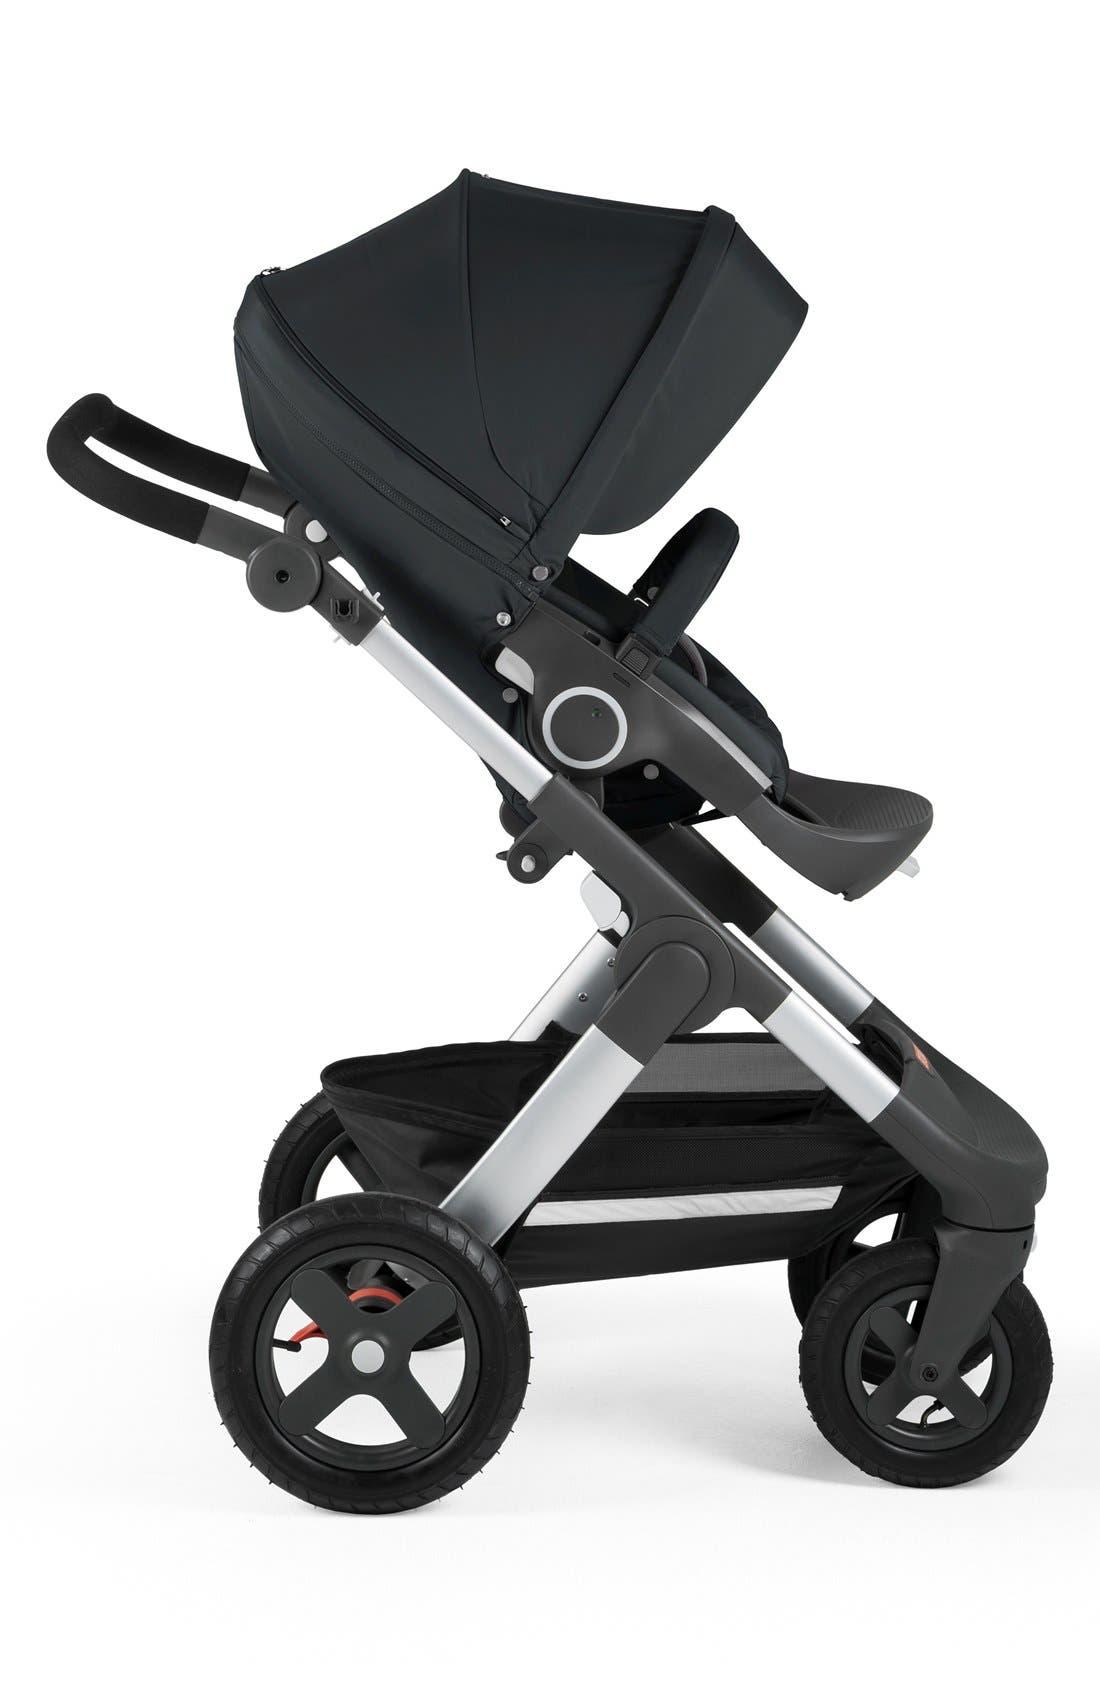 Alternate Image 1 Selected - Stokke 'Trailz™' All Terrain Stroller